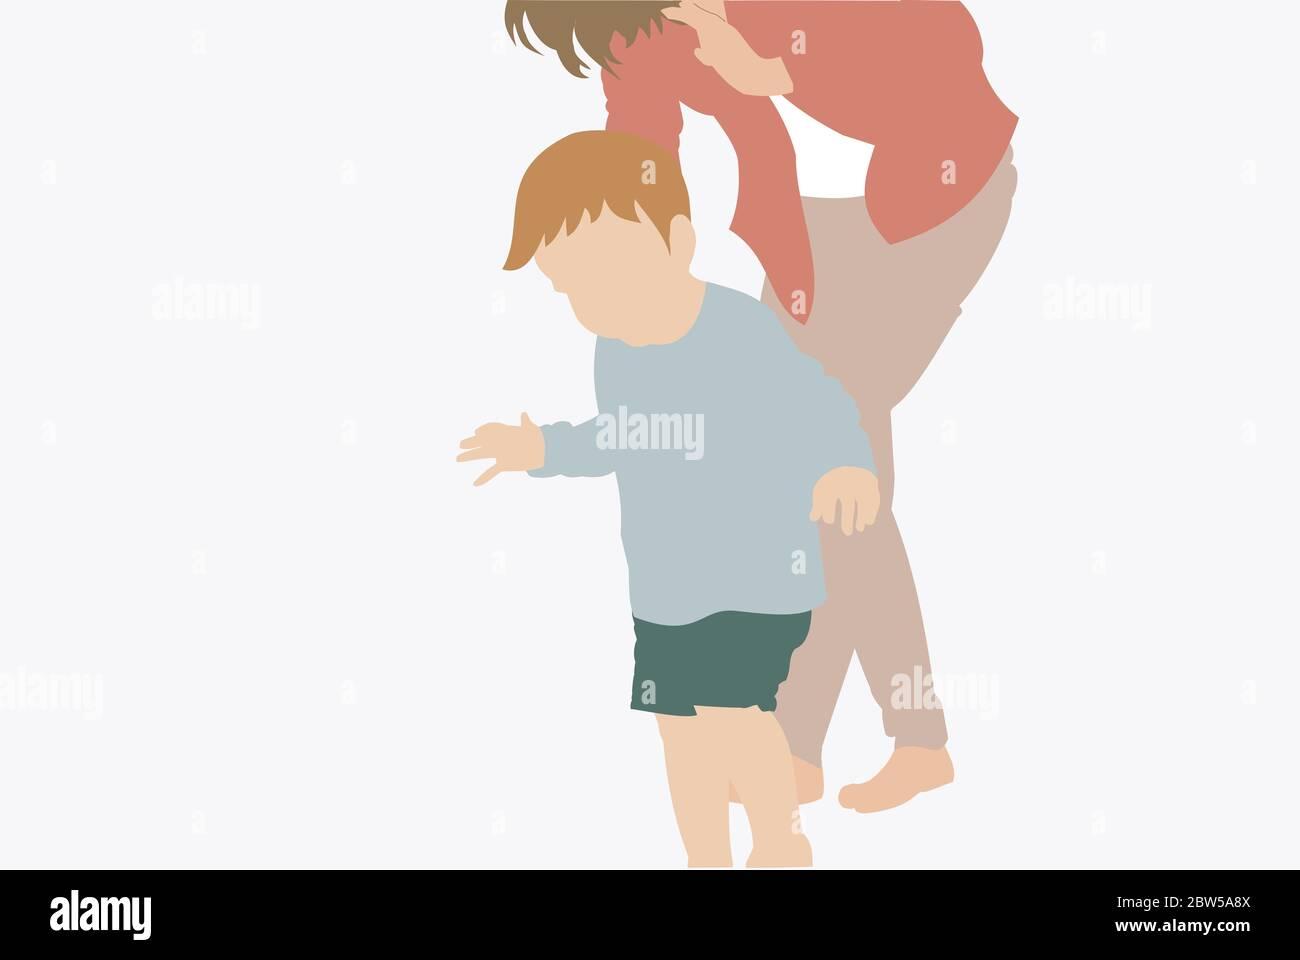 Ilustración de una madre sosteniendo a su bebé caminando - moderno y retrato mínimo Foto de stock